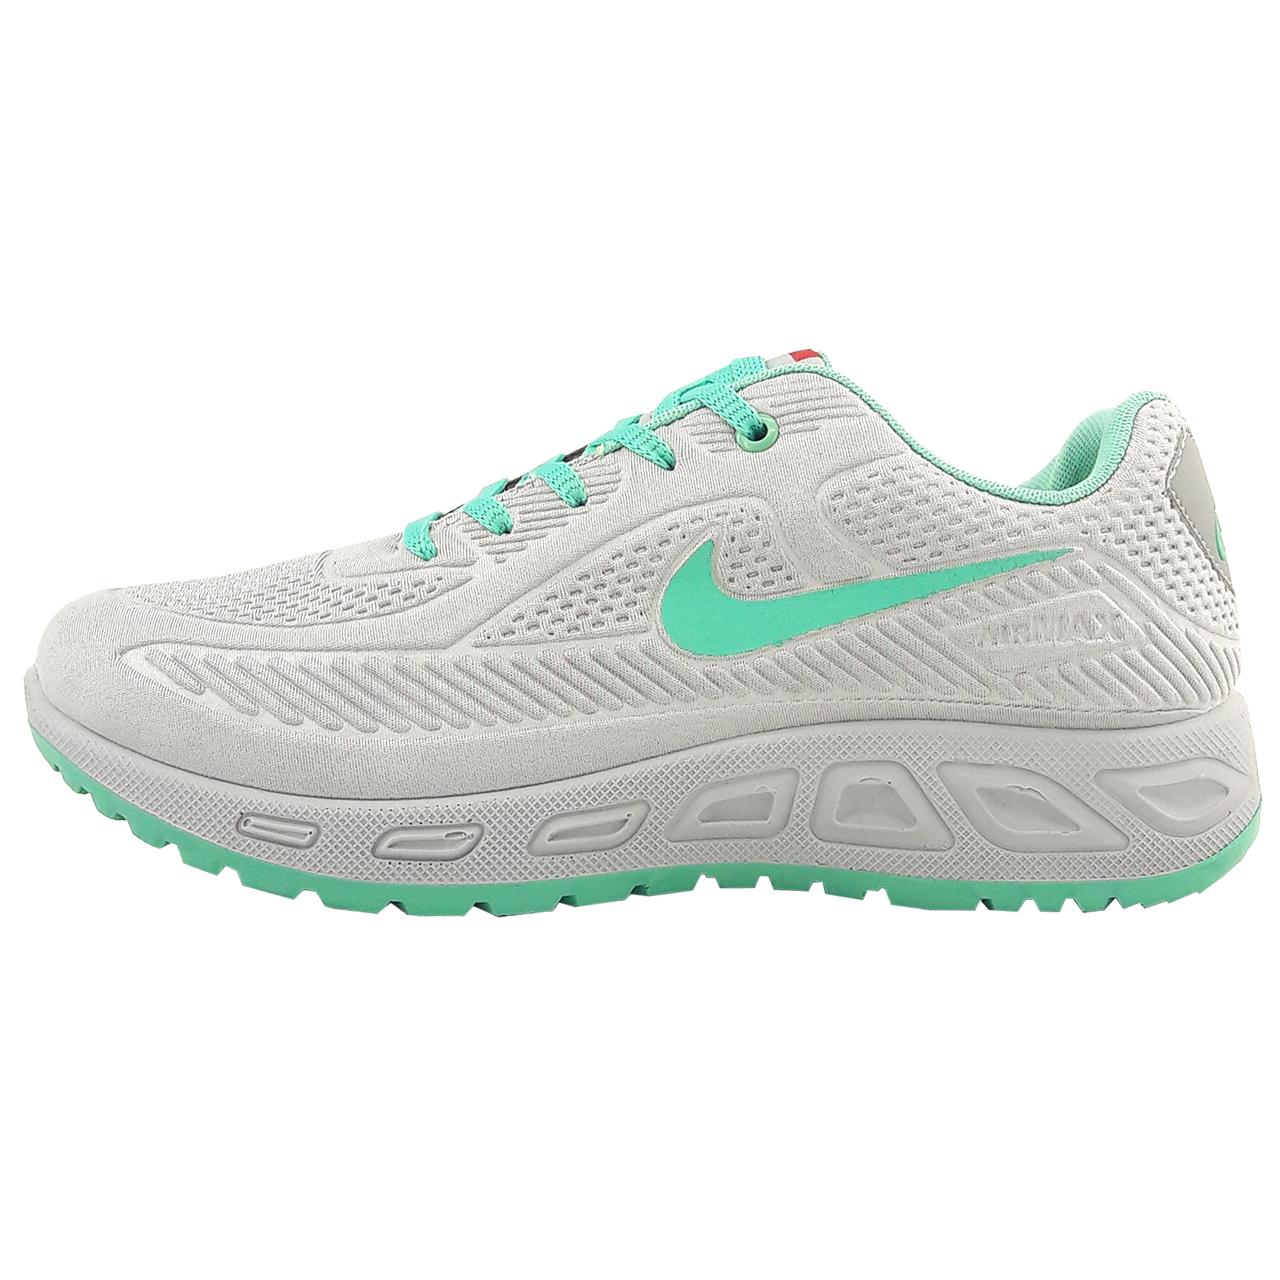 کفش مخصوص پیاده روی زنانه مدل Air max-srn-gr gre-01